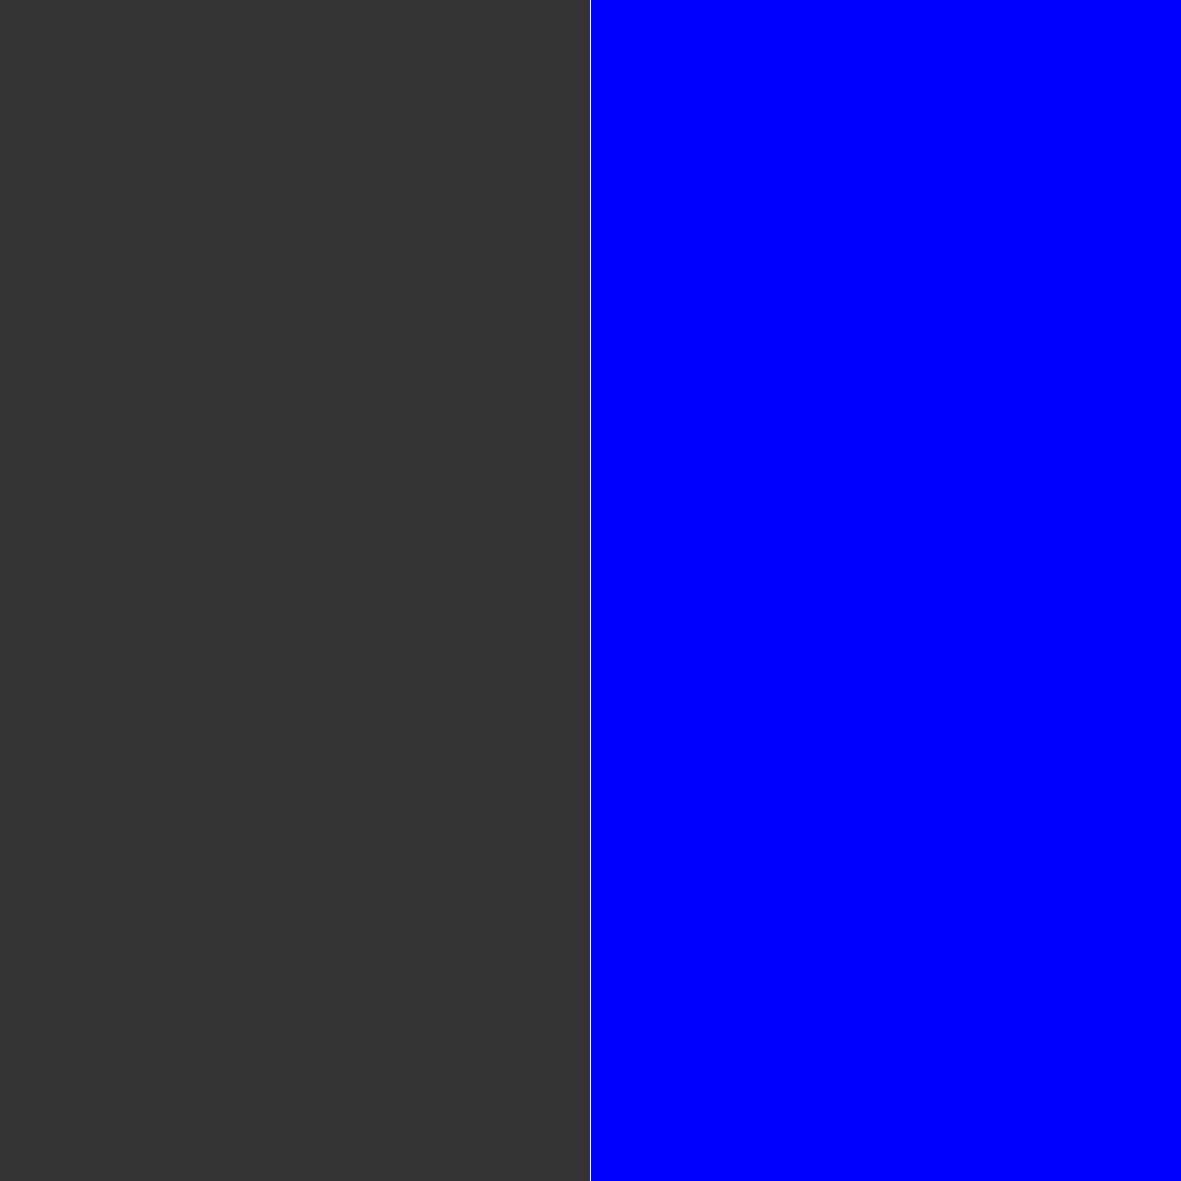 графит/синий_333333/0000FF